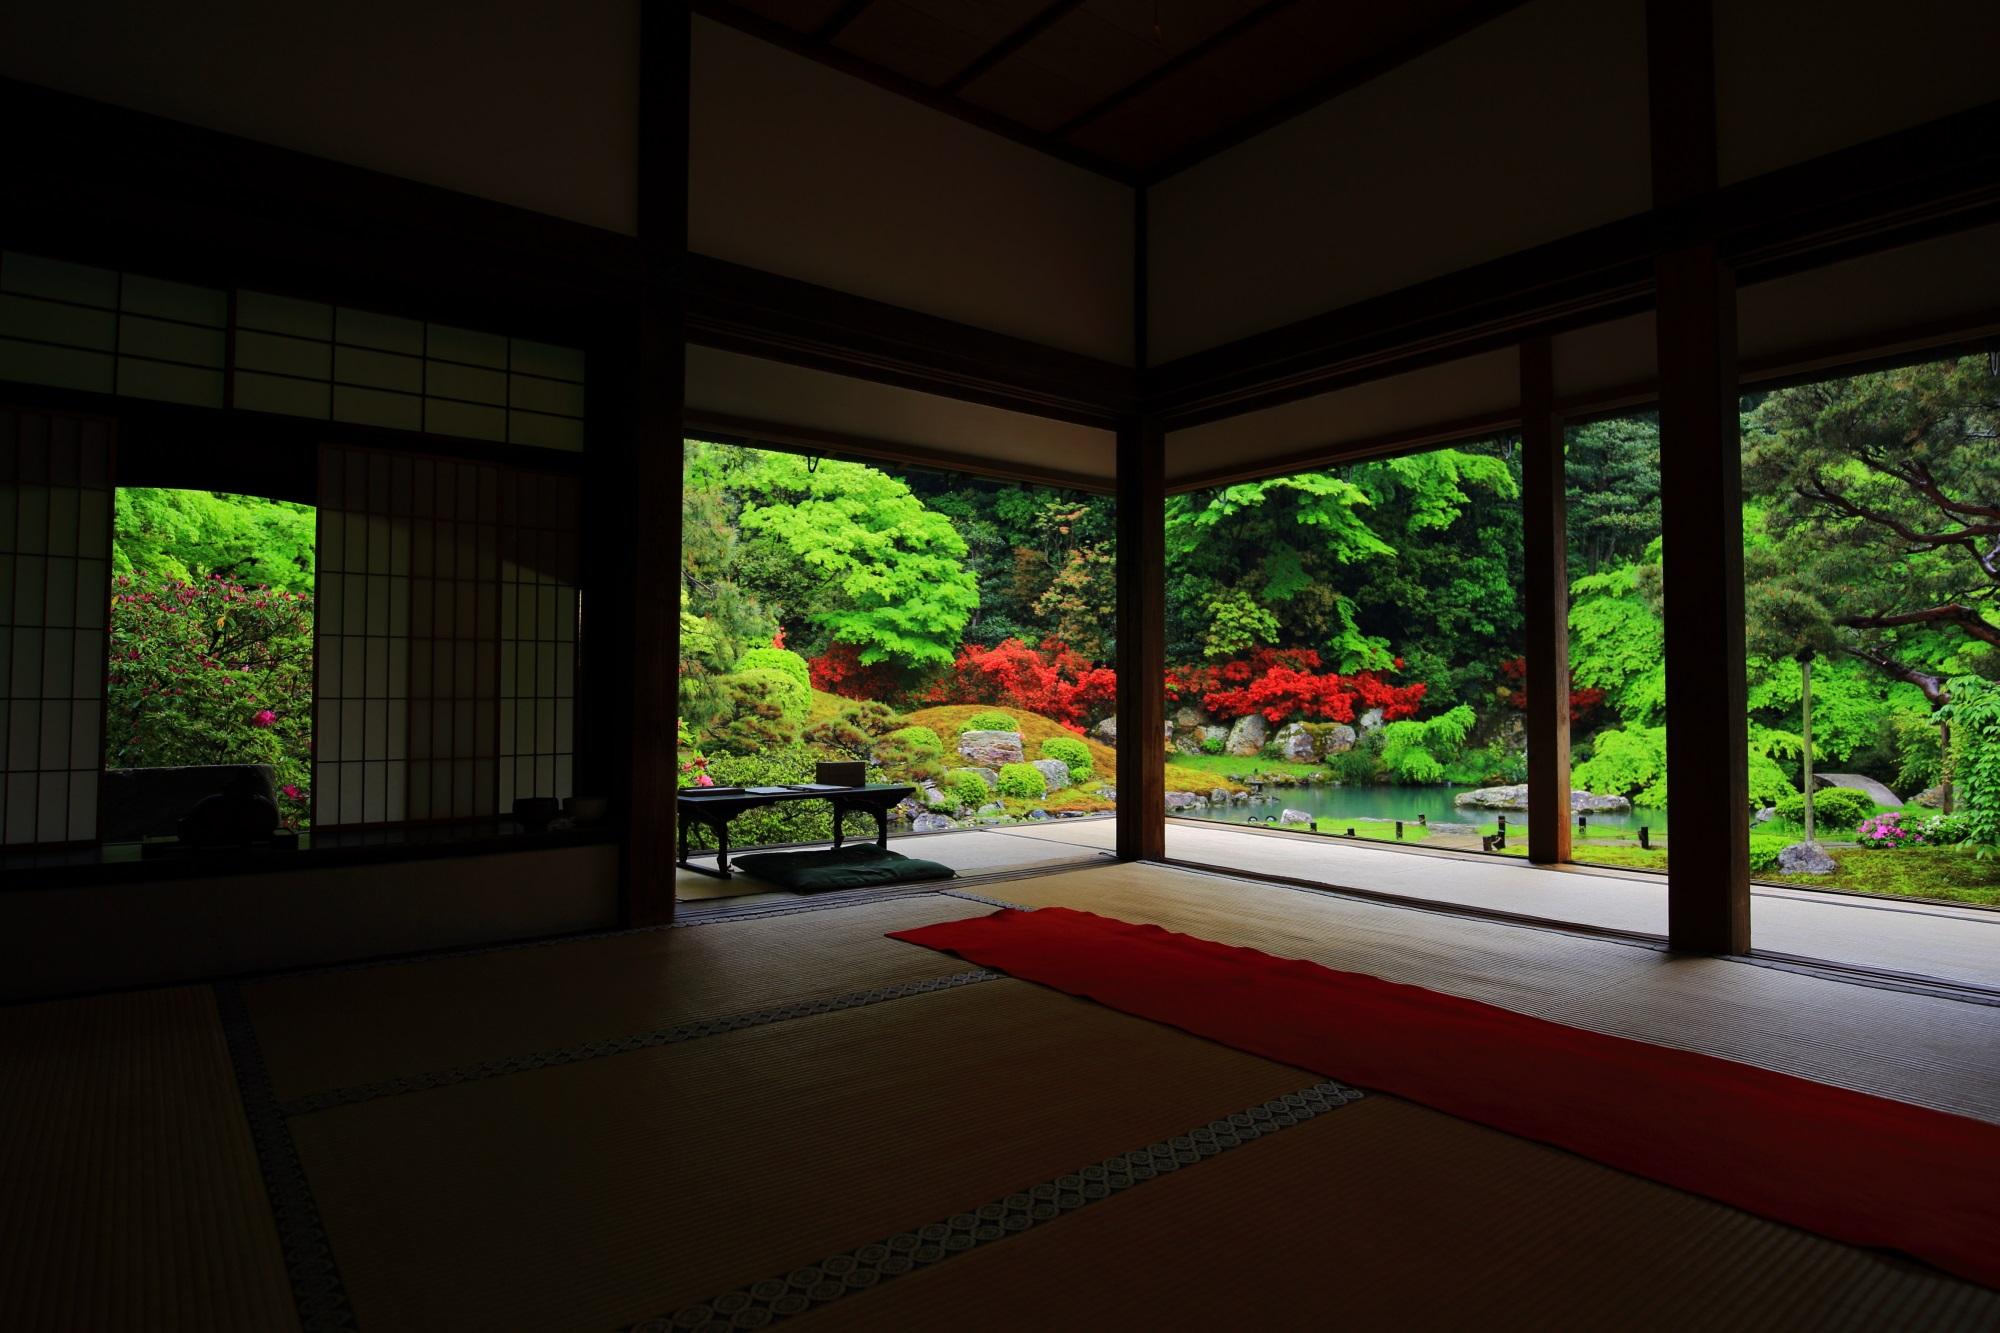 華頂殿の奥からの眺めた春の彩りの相阿弥の庭